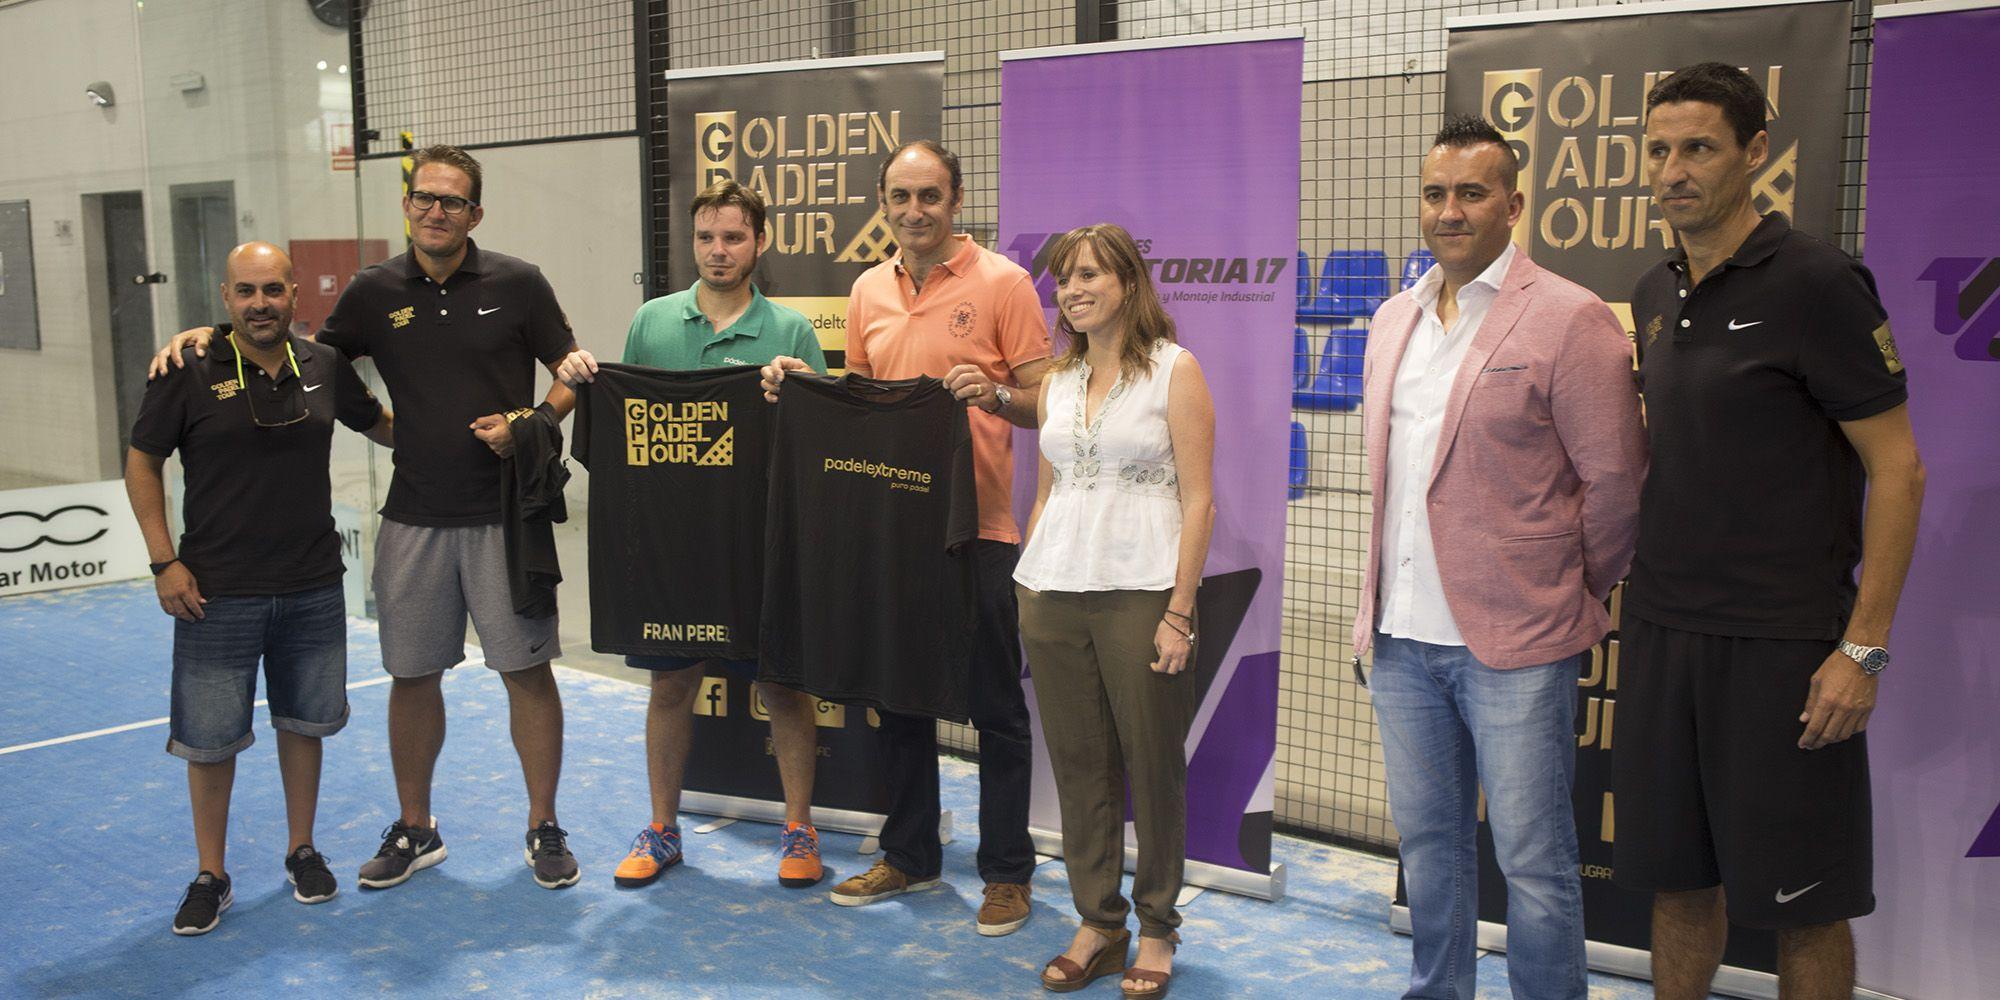 Presentación de la 3ª Prueba del Golden Padel Tour Talleres Victoria 17 en las instalaciones de Padel Extreme en Jerez | Miguel Barrios para Grupo MIRA